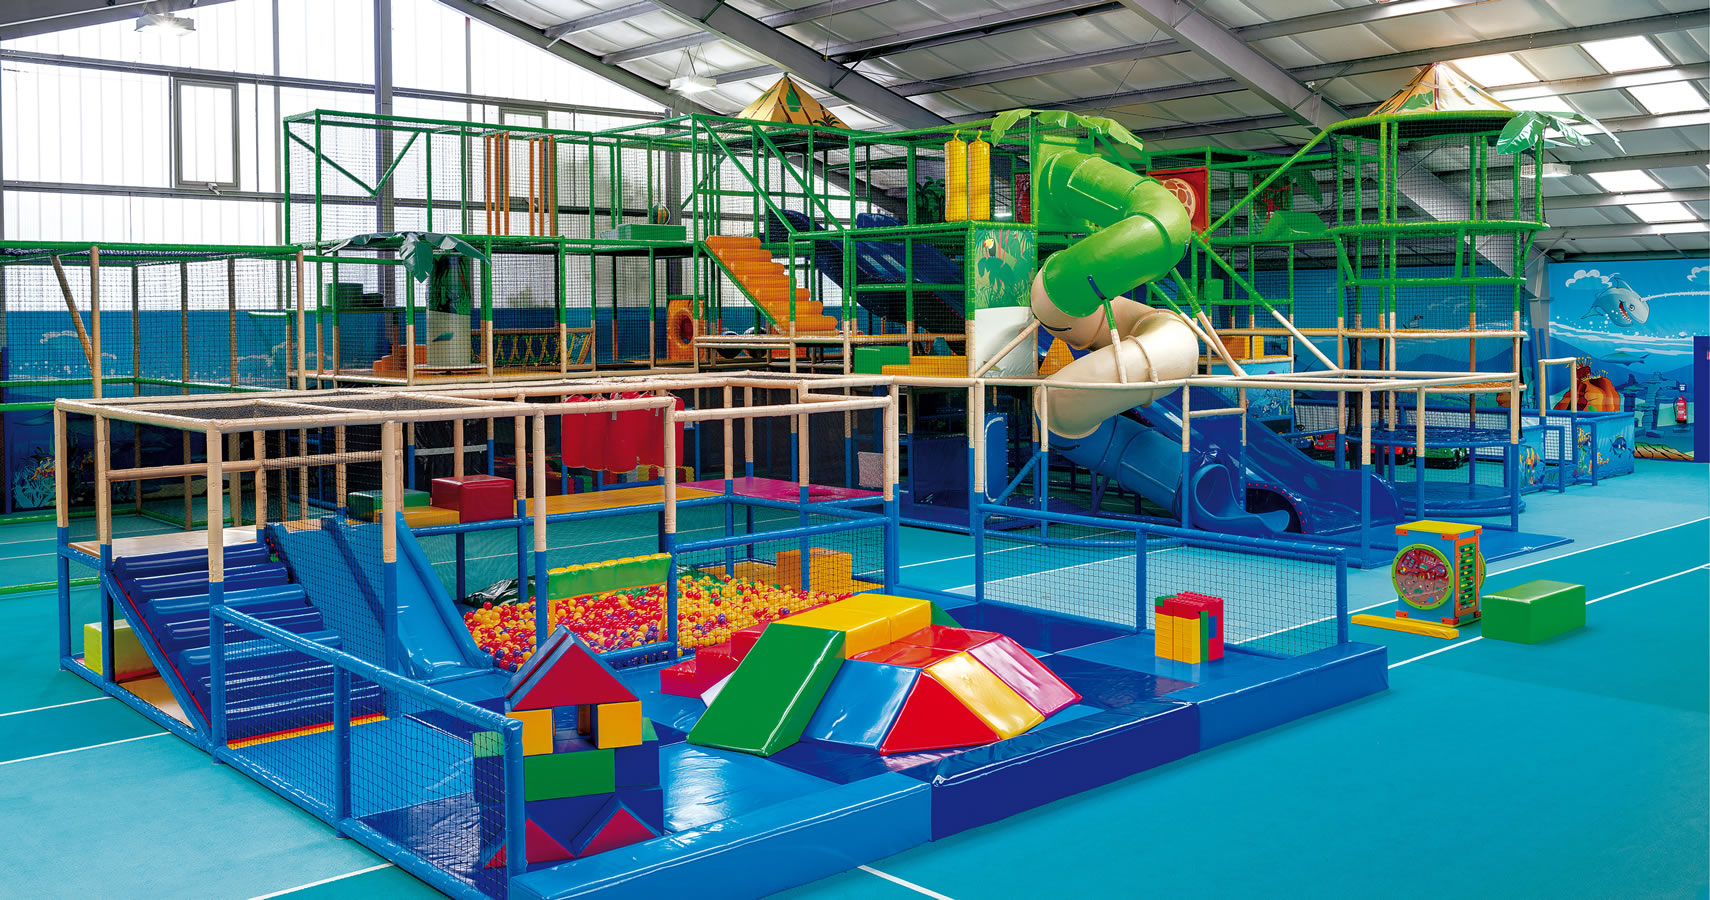 Indoorspielplatz Sagard - Erlebniswelt SPLASH | indoor